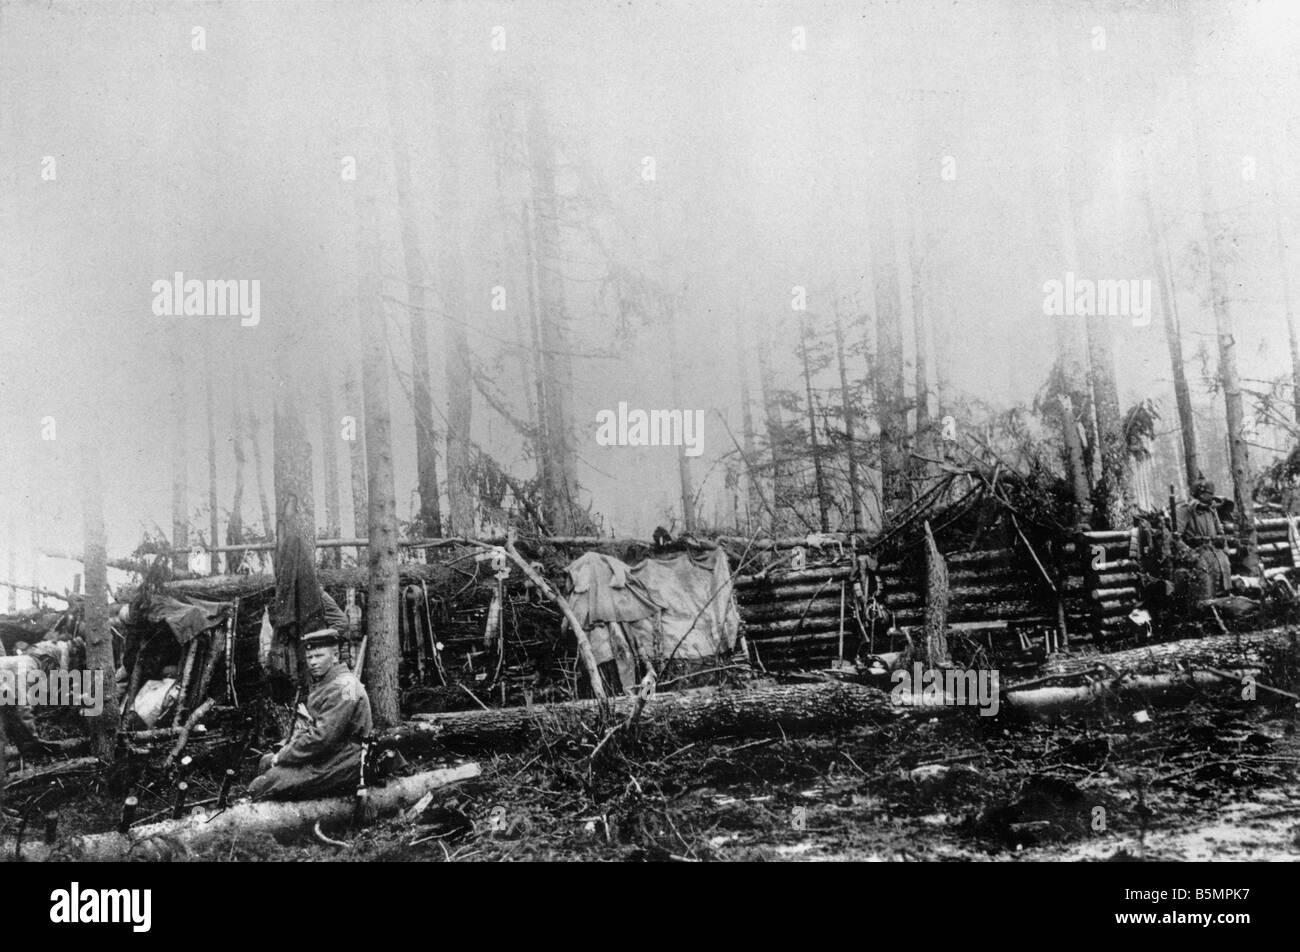 9 1916 3 18 A1 13 e Battaglia di Postawy 1916 Ger posizione Guerra Mondiale 1 anteriore orientale sconfitta delle truppe russe dopo un offen sive o Foto Stock